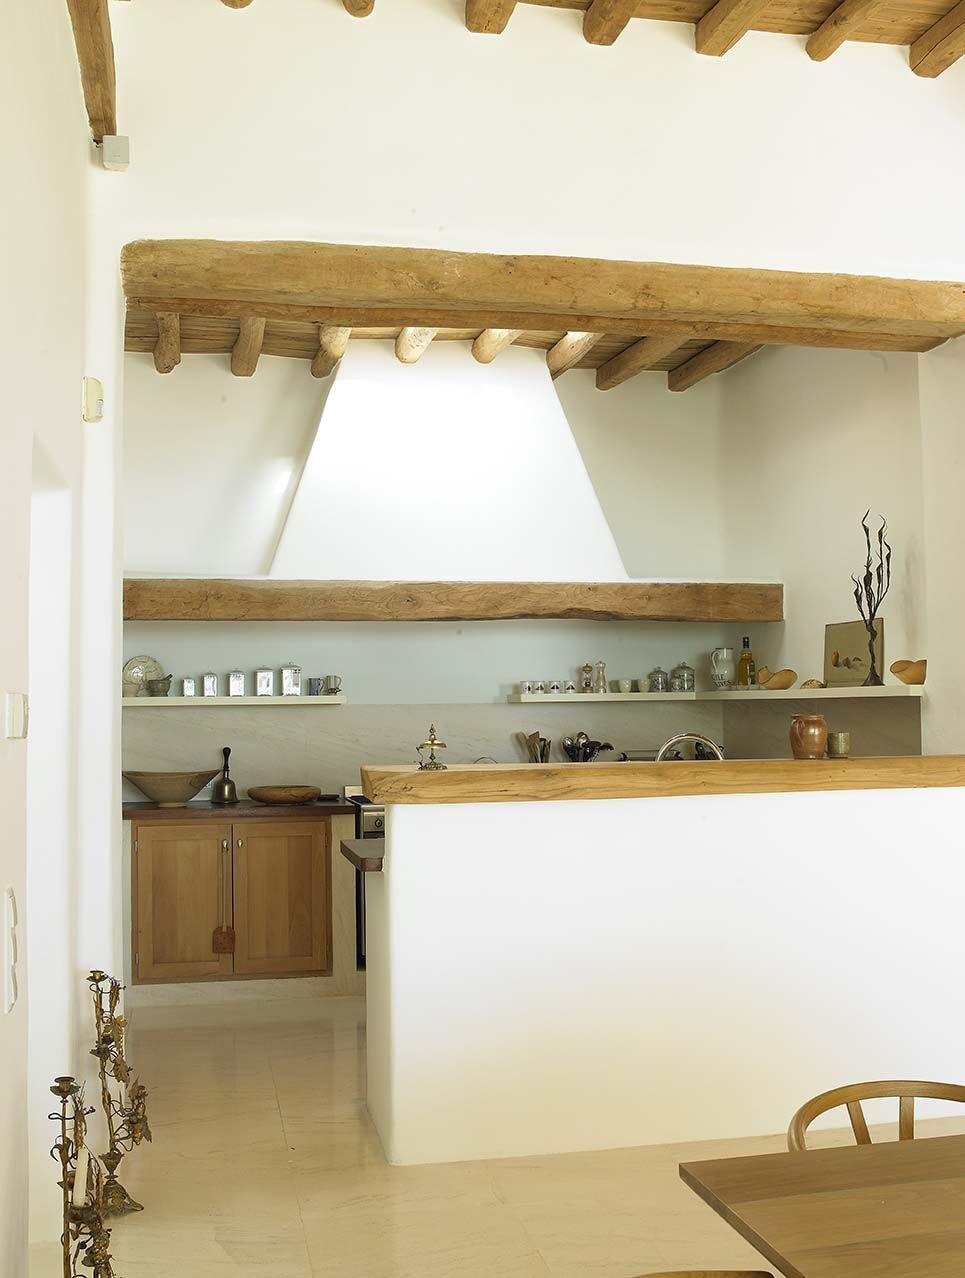 Blakstad design consultants projects cocinas - Cocinas de obra rusticas ...